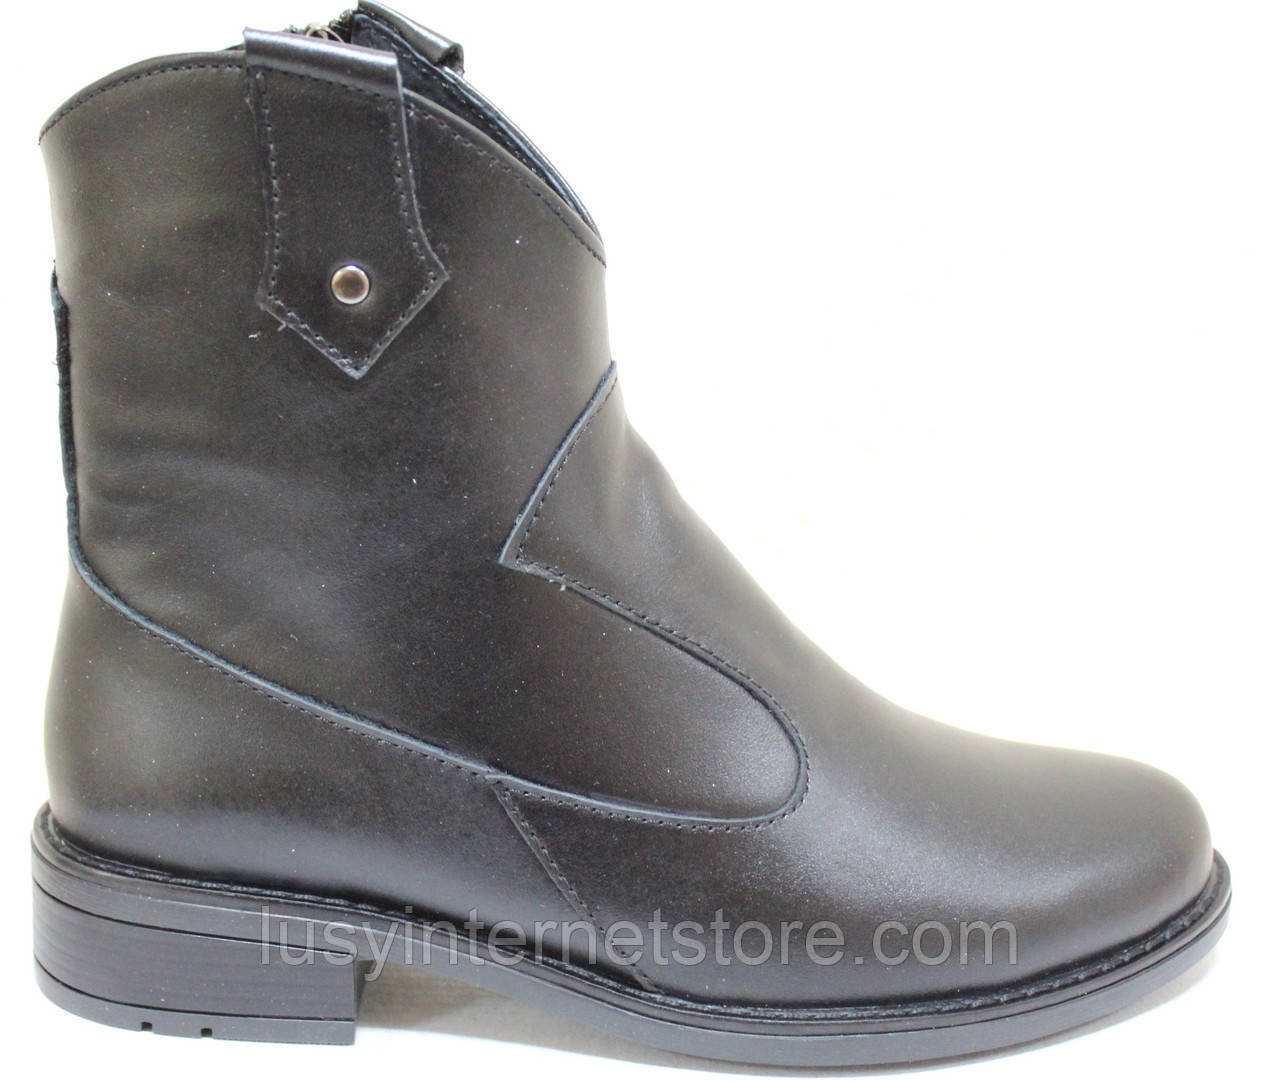 Ботинки черные кожаные женские демисезонные от производителя модель СА217-1